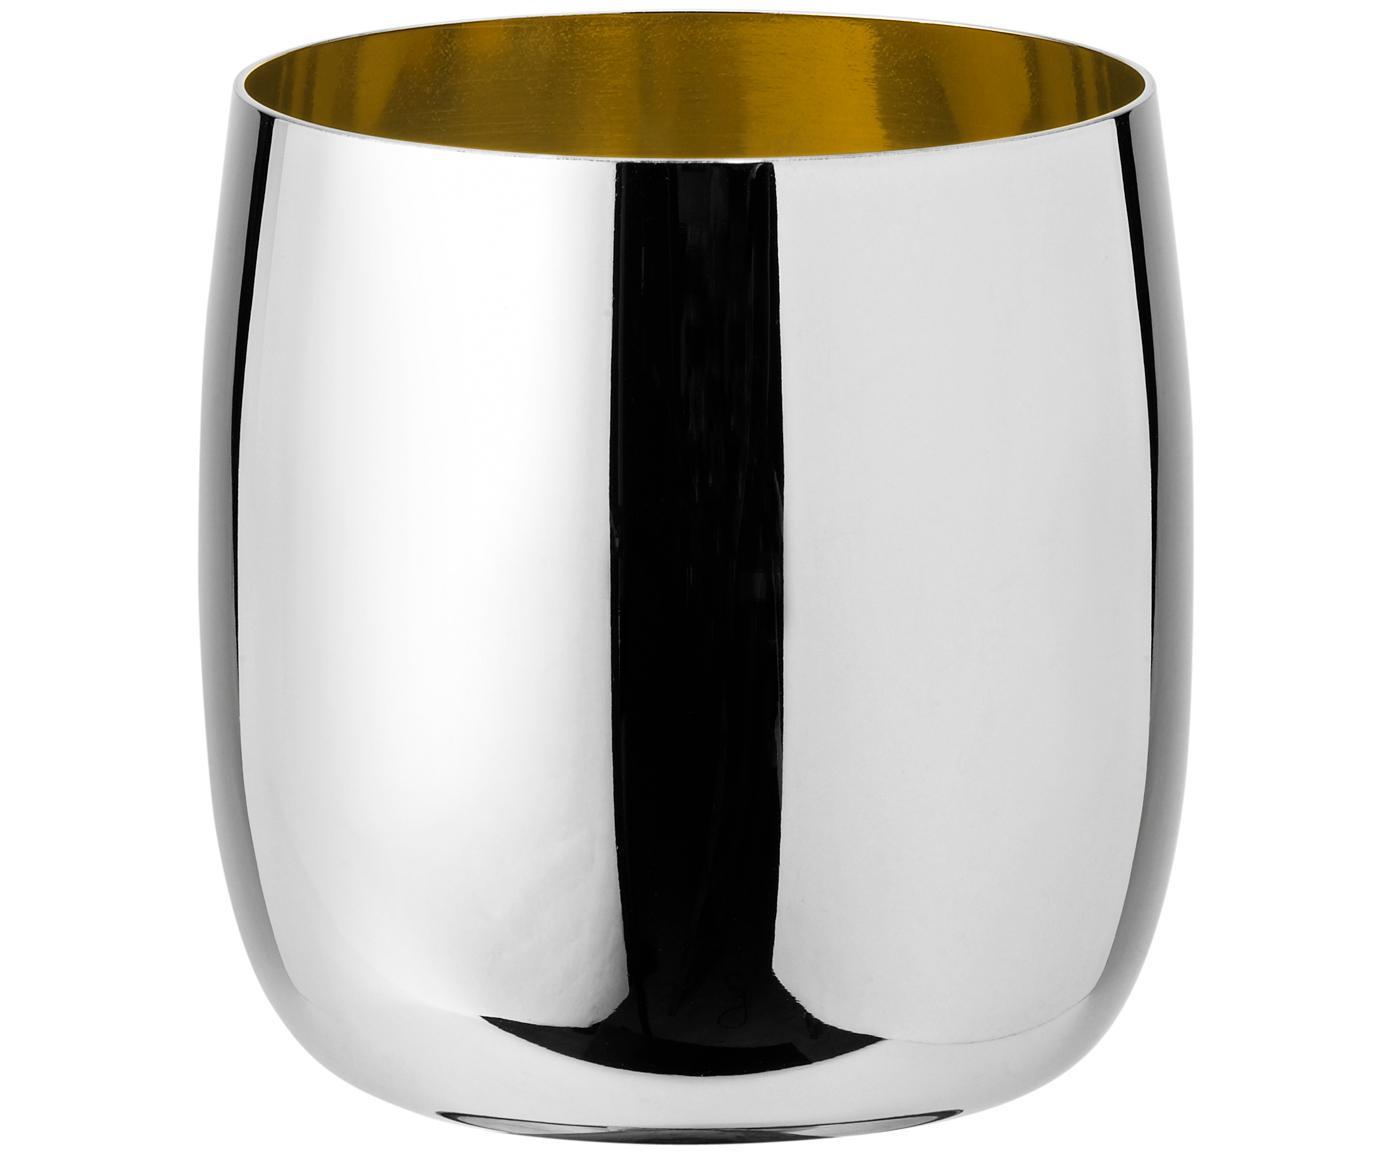 Kubek do wina Foster, Na zewnątrz: stal szlachetna , wysoki połysk Wewnątrz: odcienie złotego, 200 ml